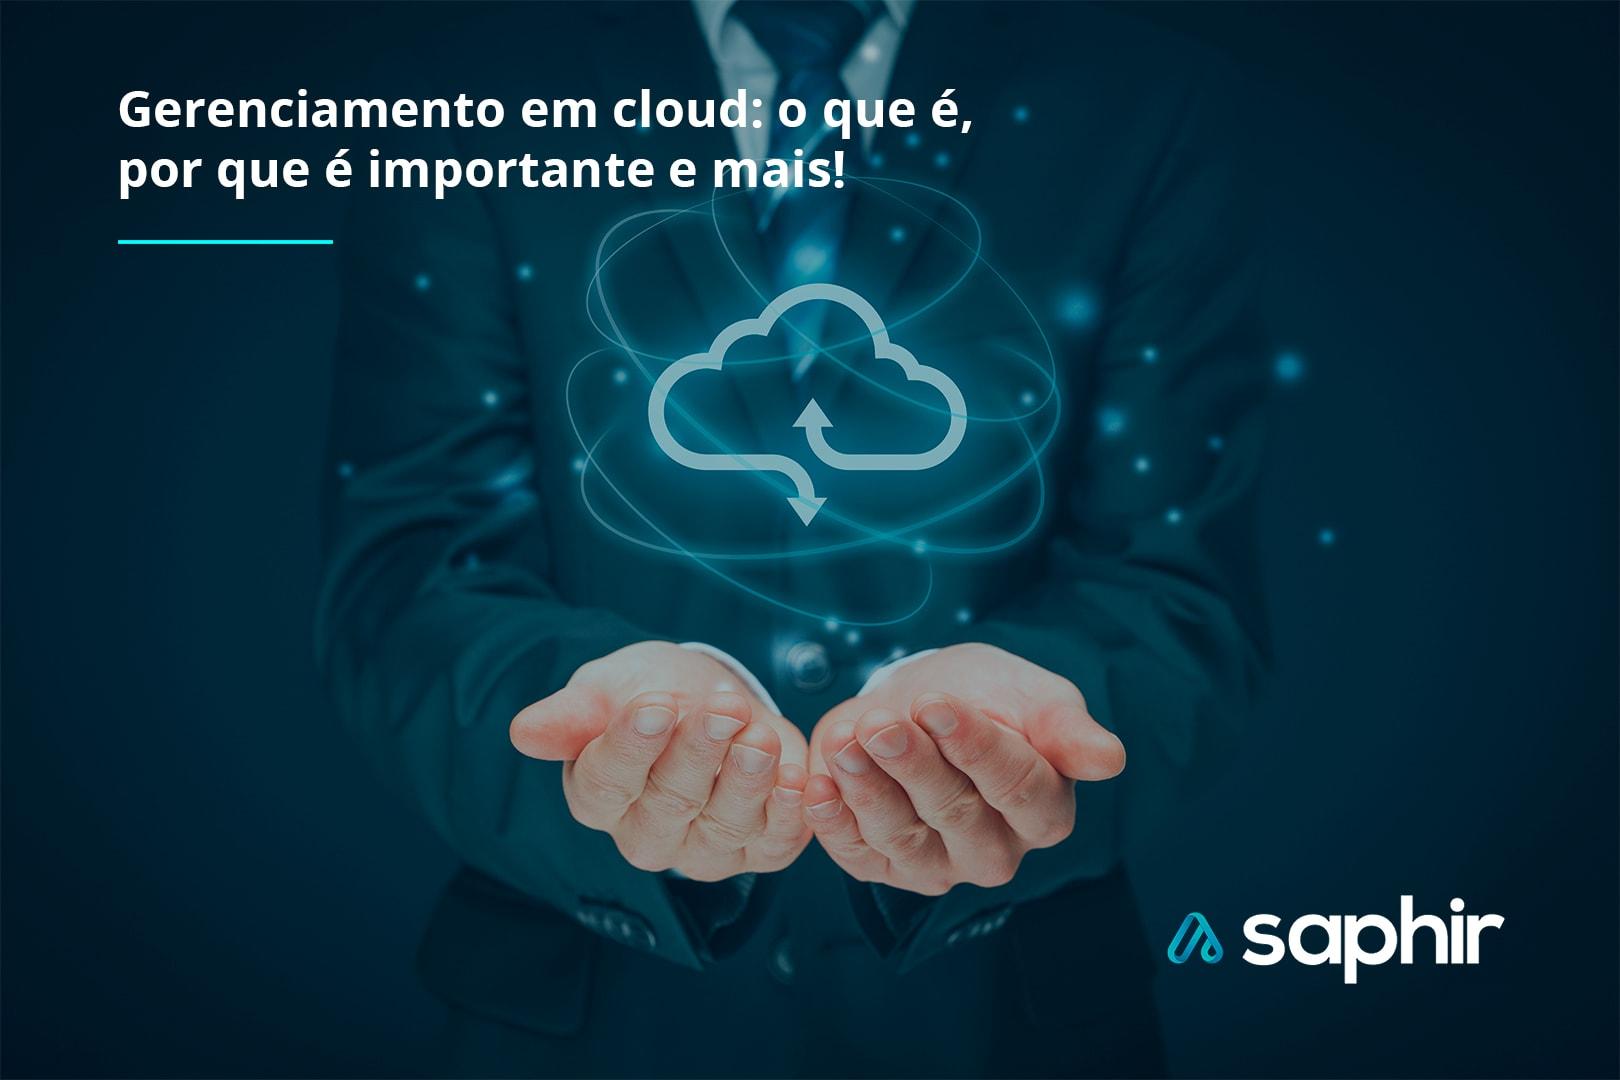 Gerenciamento em cloud: o que é, por que é importante e mais